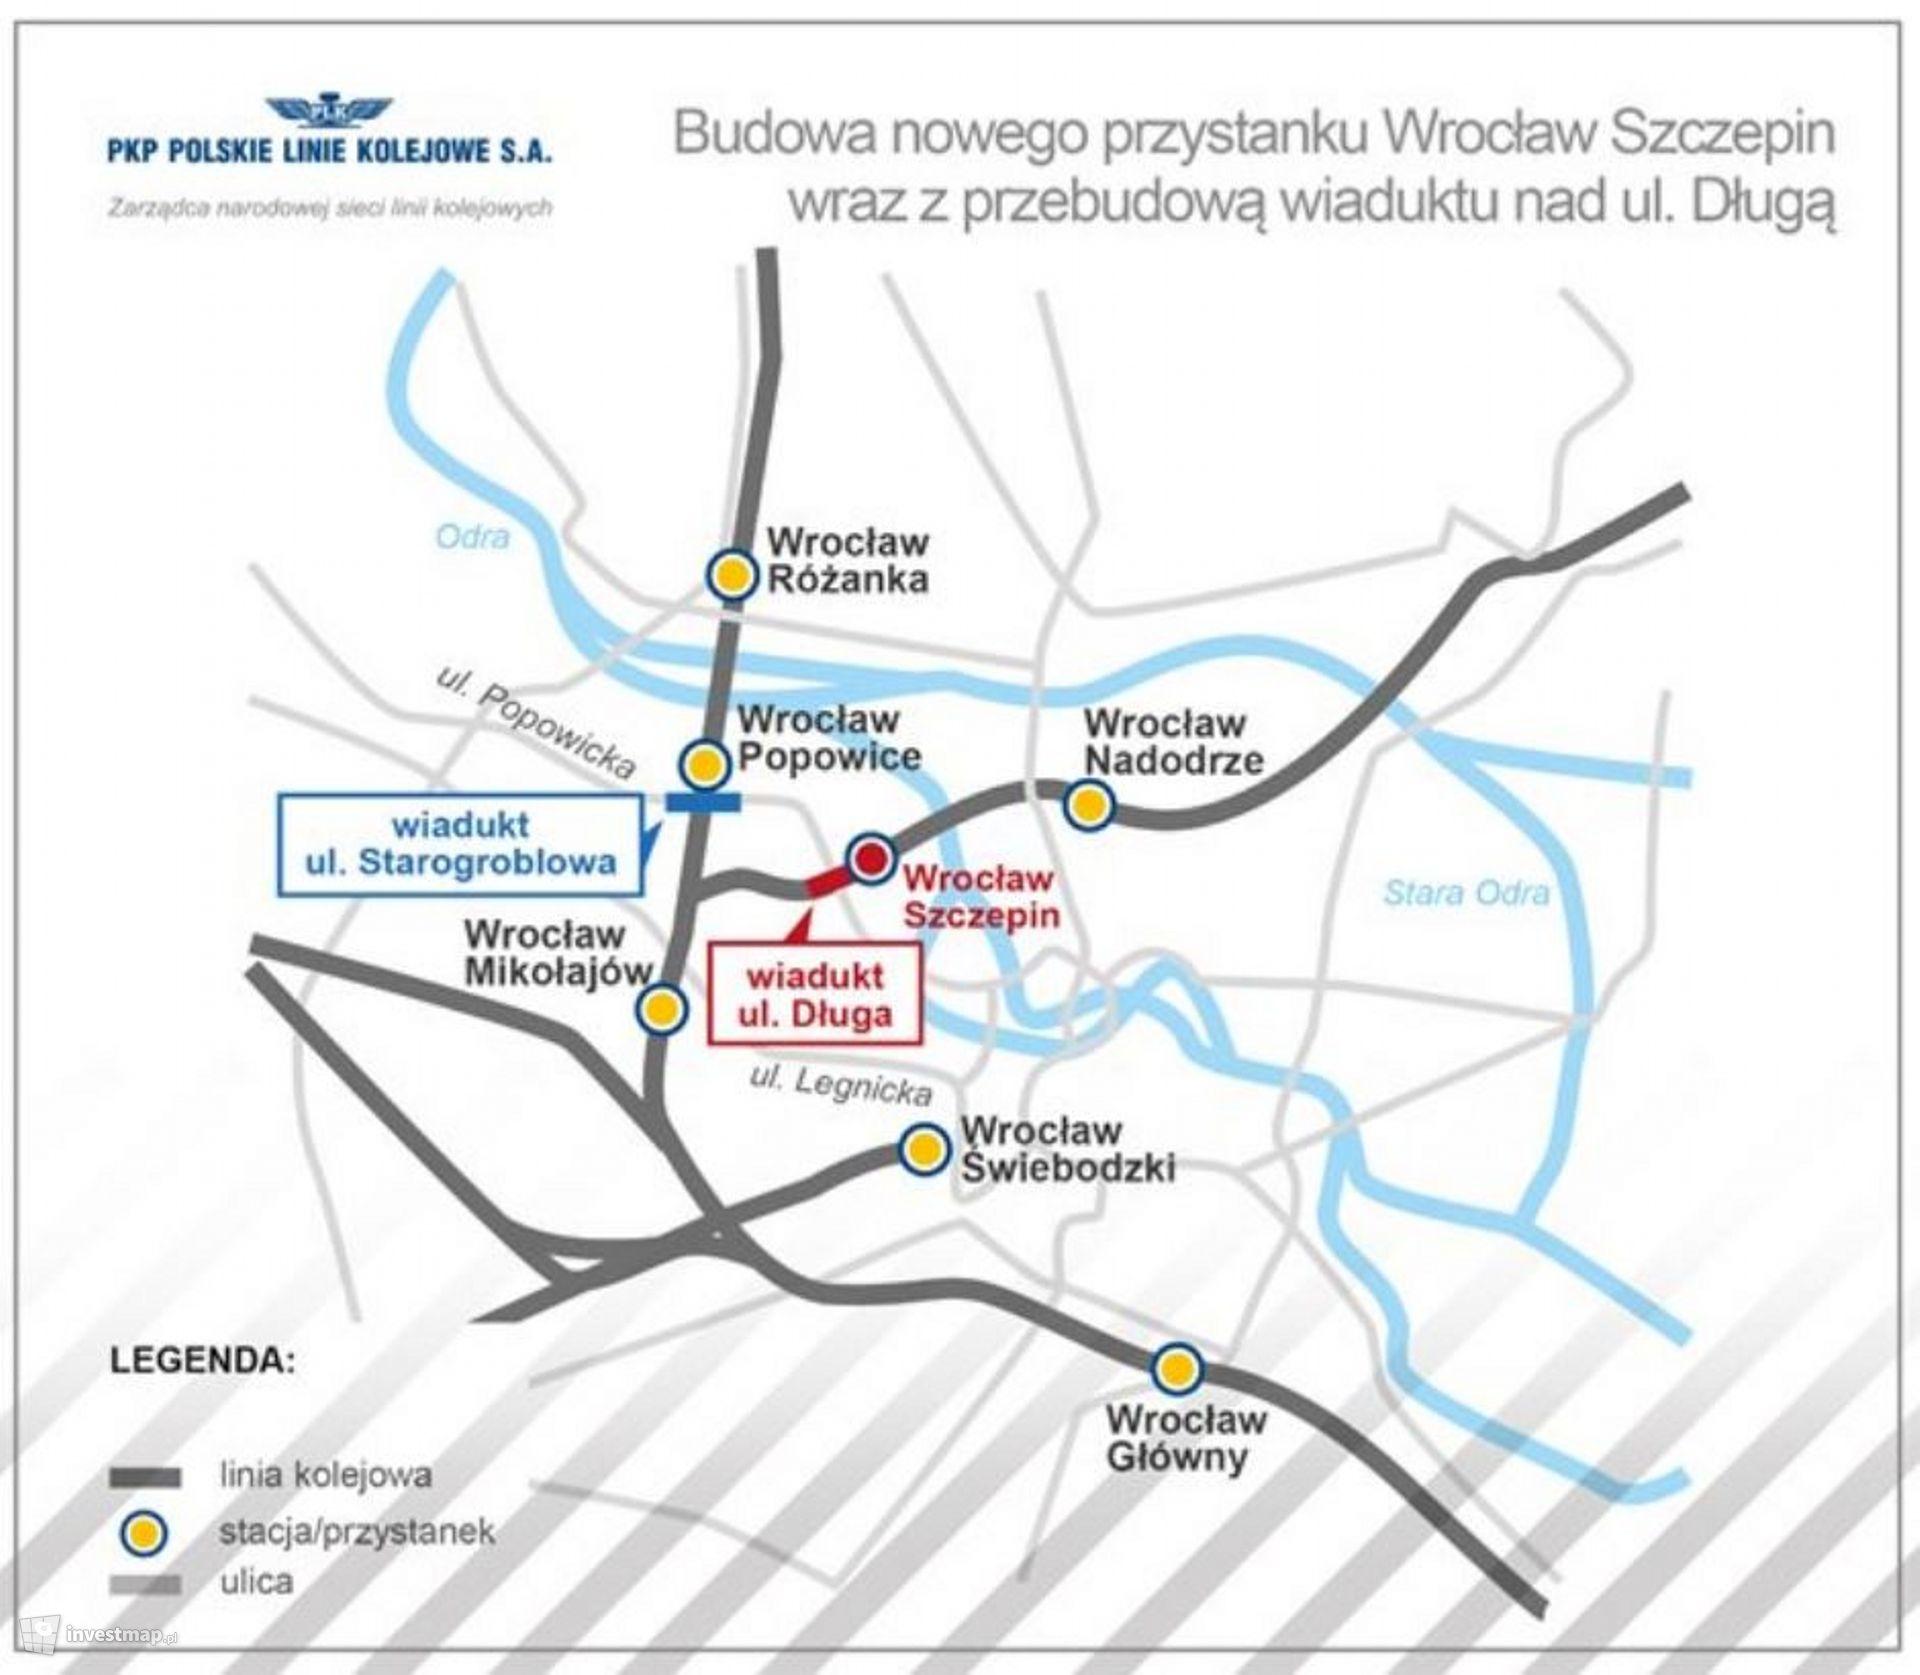 Węzeł przesiadkowy Wrocław Szczepin